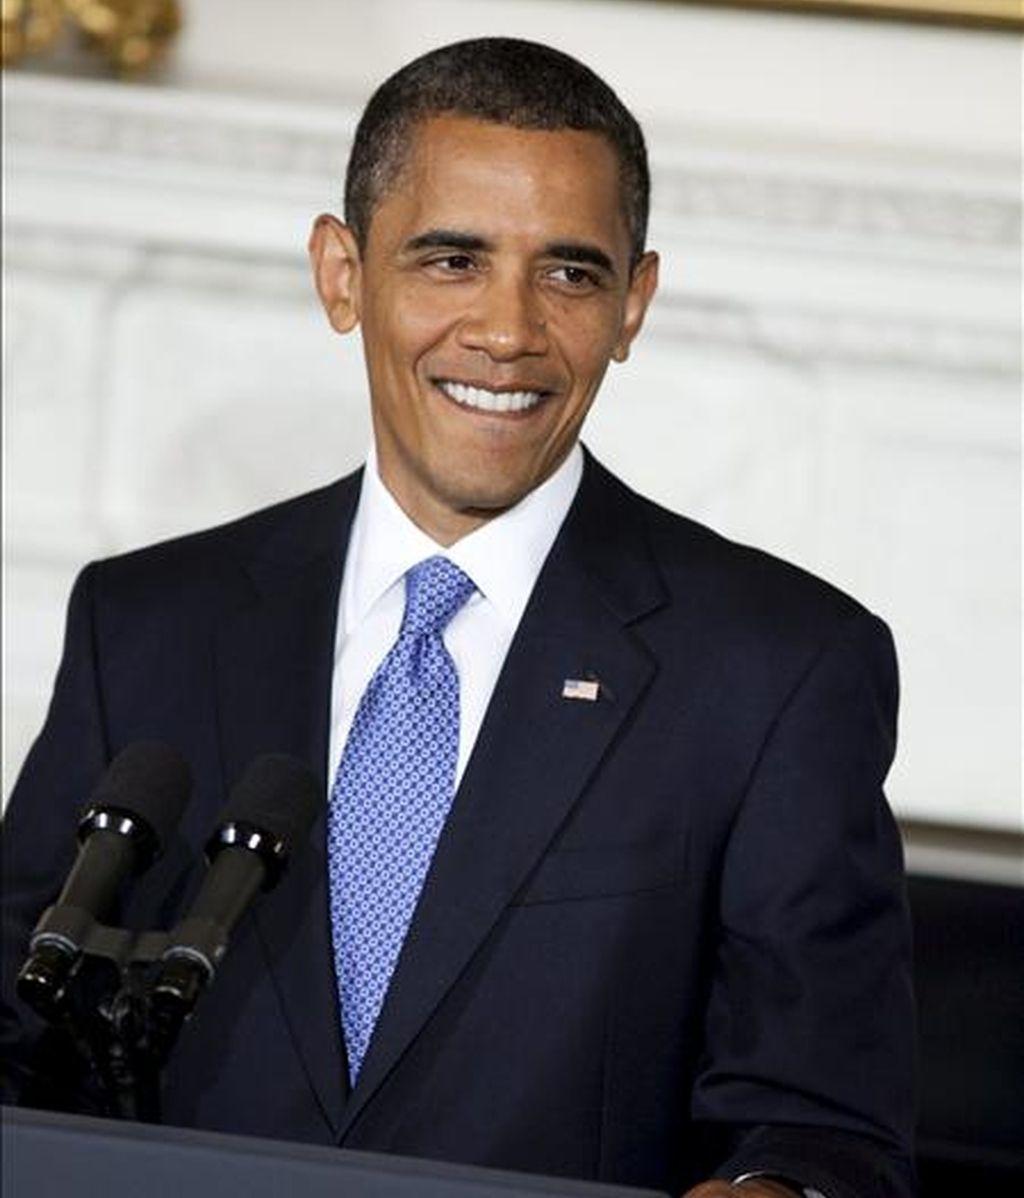 El presidente de los EE.UU., Barack Obama, firmó la medida en una ceremonia privada y con la presencia tan sólo de fotógrafos por parte de los medios. EFE